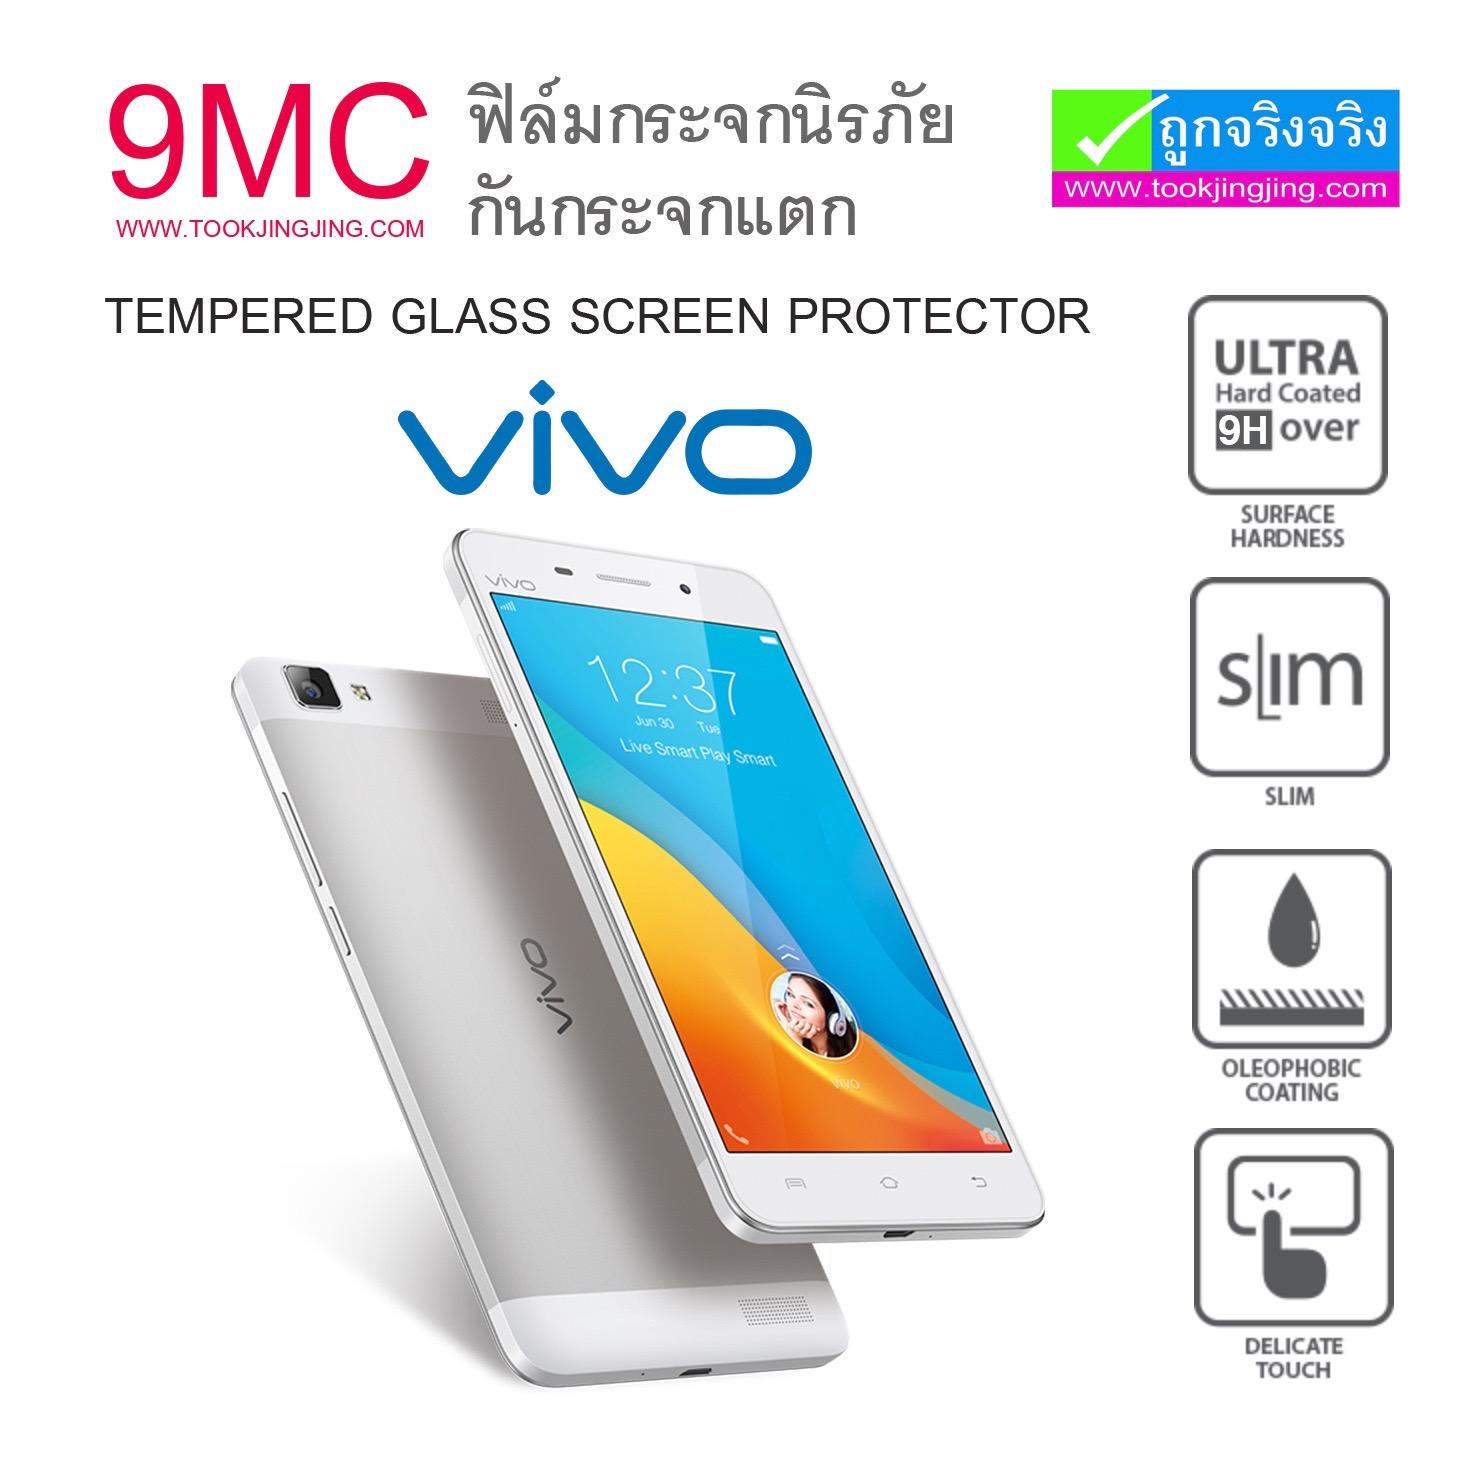 ฟิล์มกระจก Vivo 9MC ความแข็ง 9H ราคา 49 บาท ปกติ 160 บาท